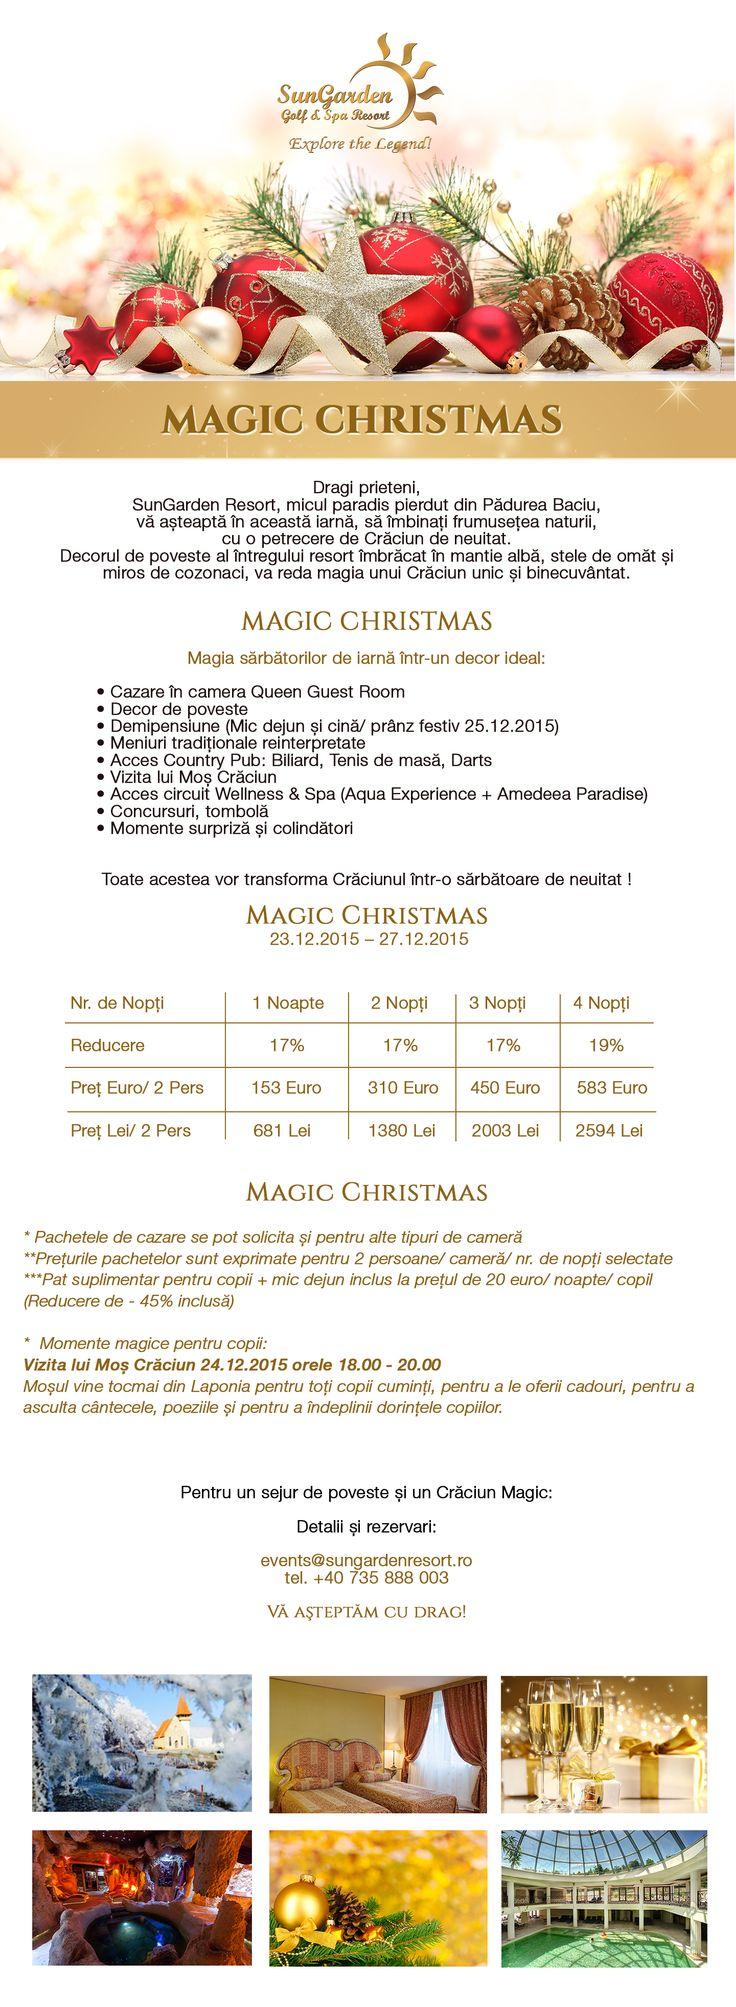 Newsletter MAGIC CHRISTMAS